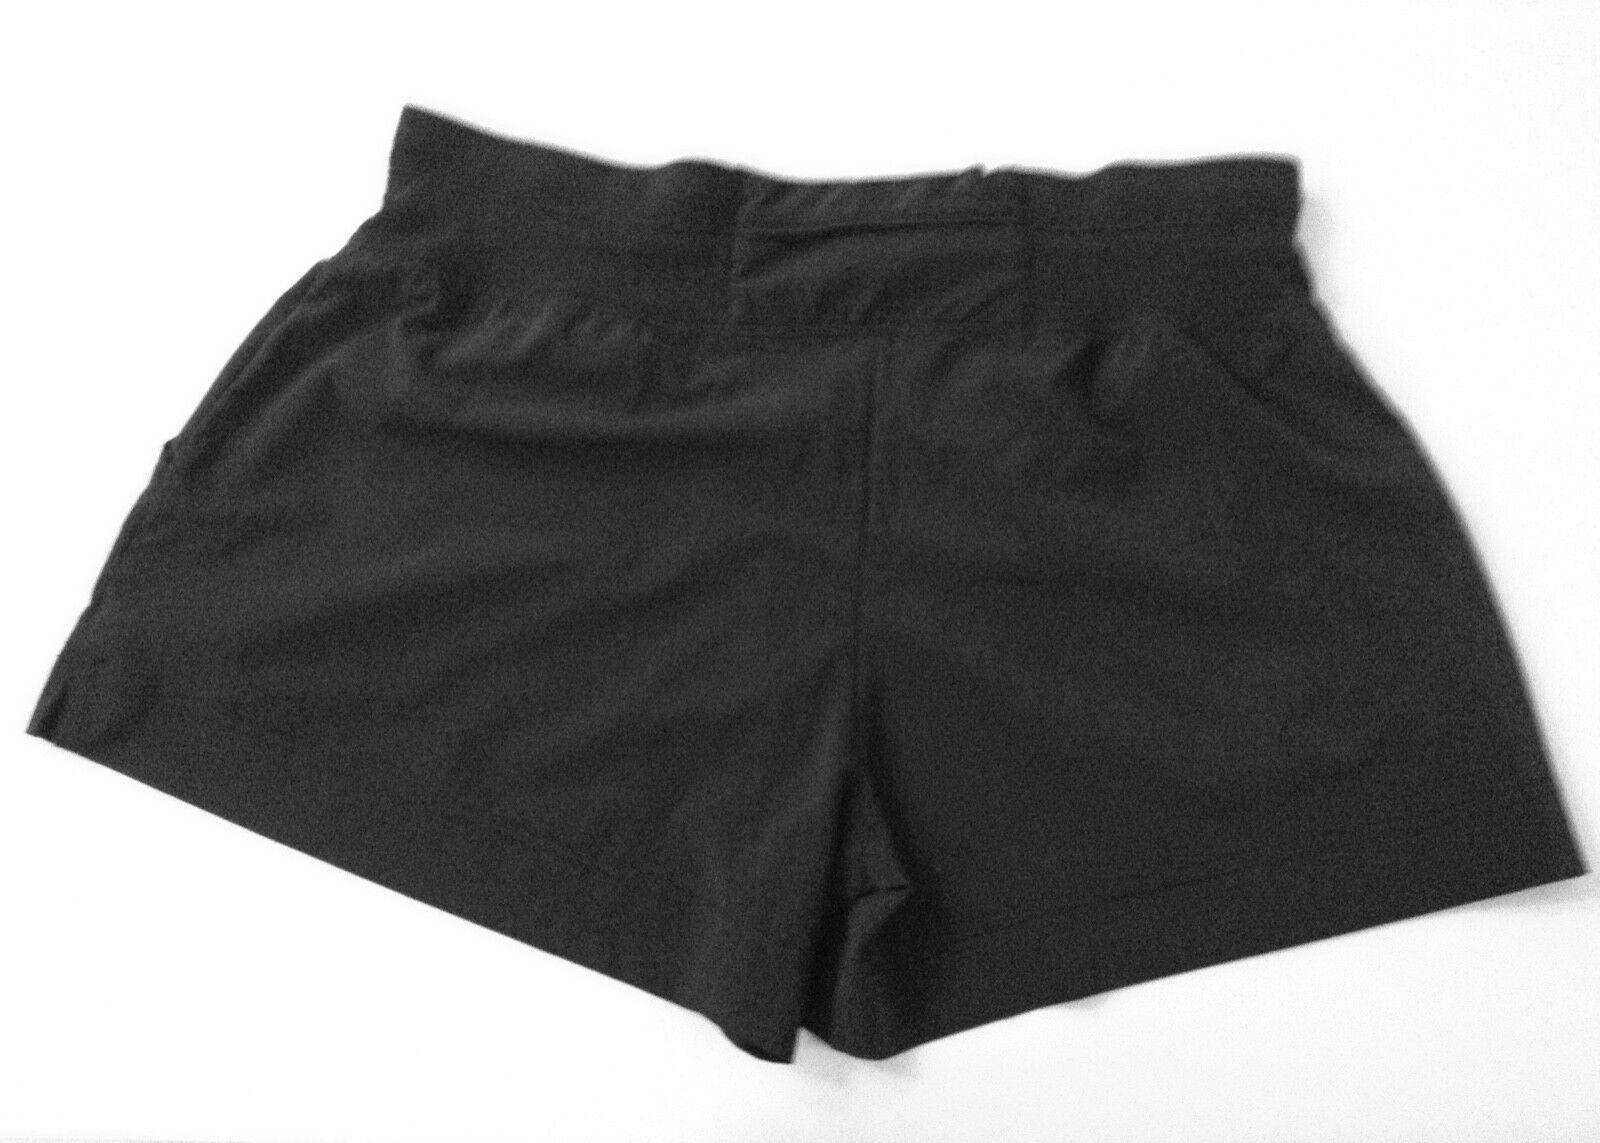 En sueur BETTY Noir courtes Taille M Taille Élastique 2 poches côté porté une fois